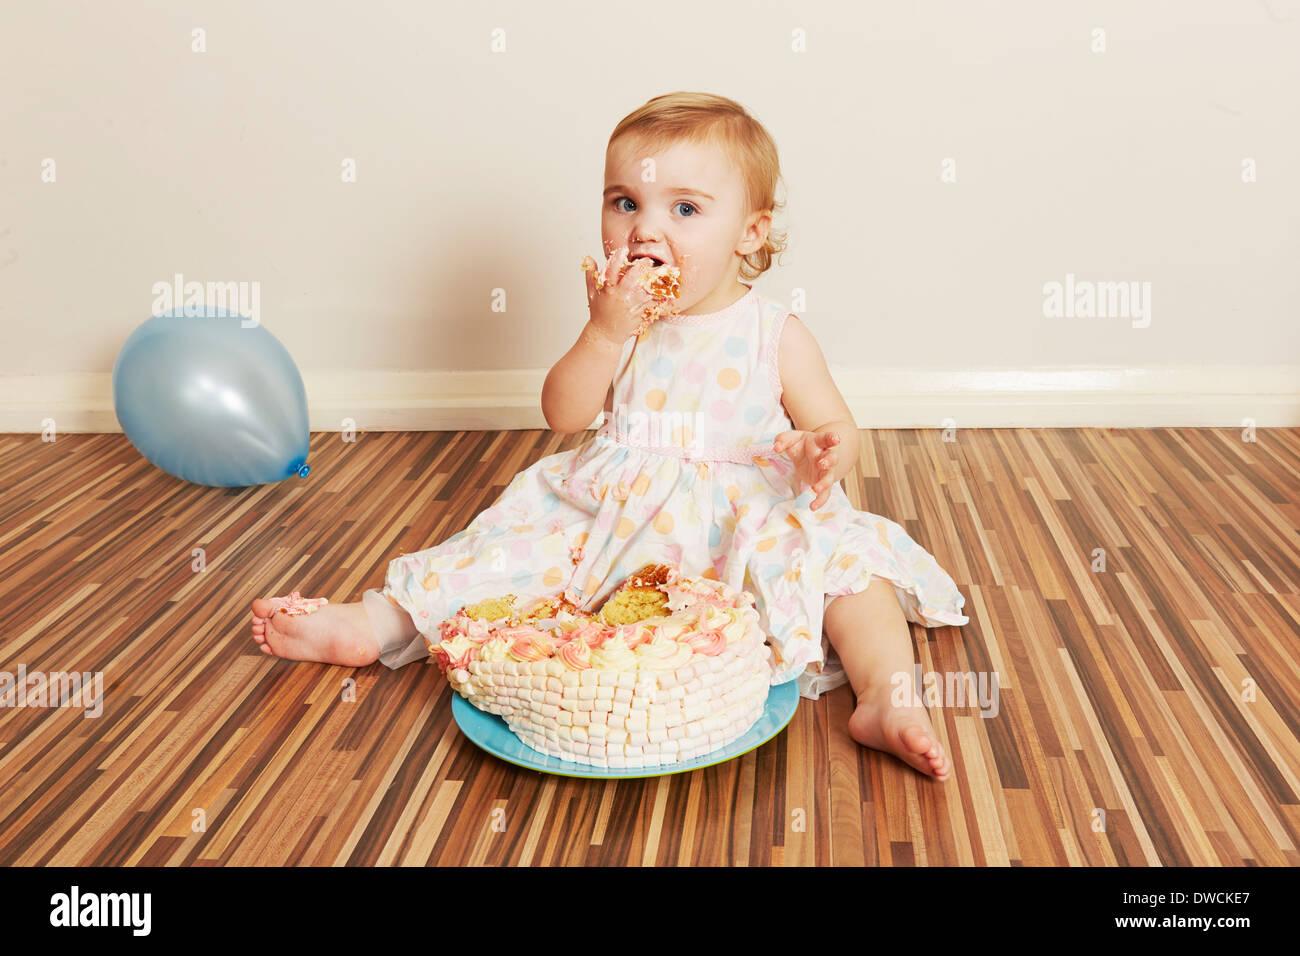 Kleinkind Mädchen verschlingt Geburtstagstorte Stockbild